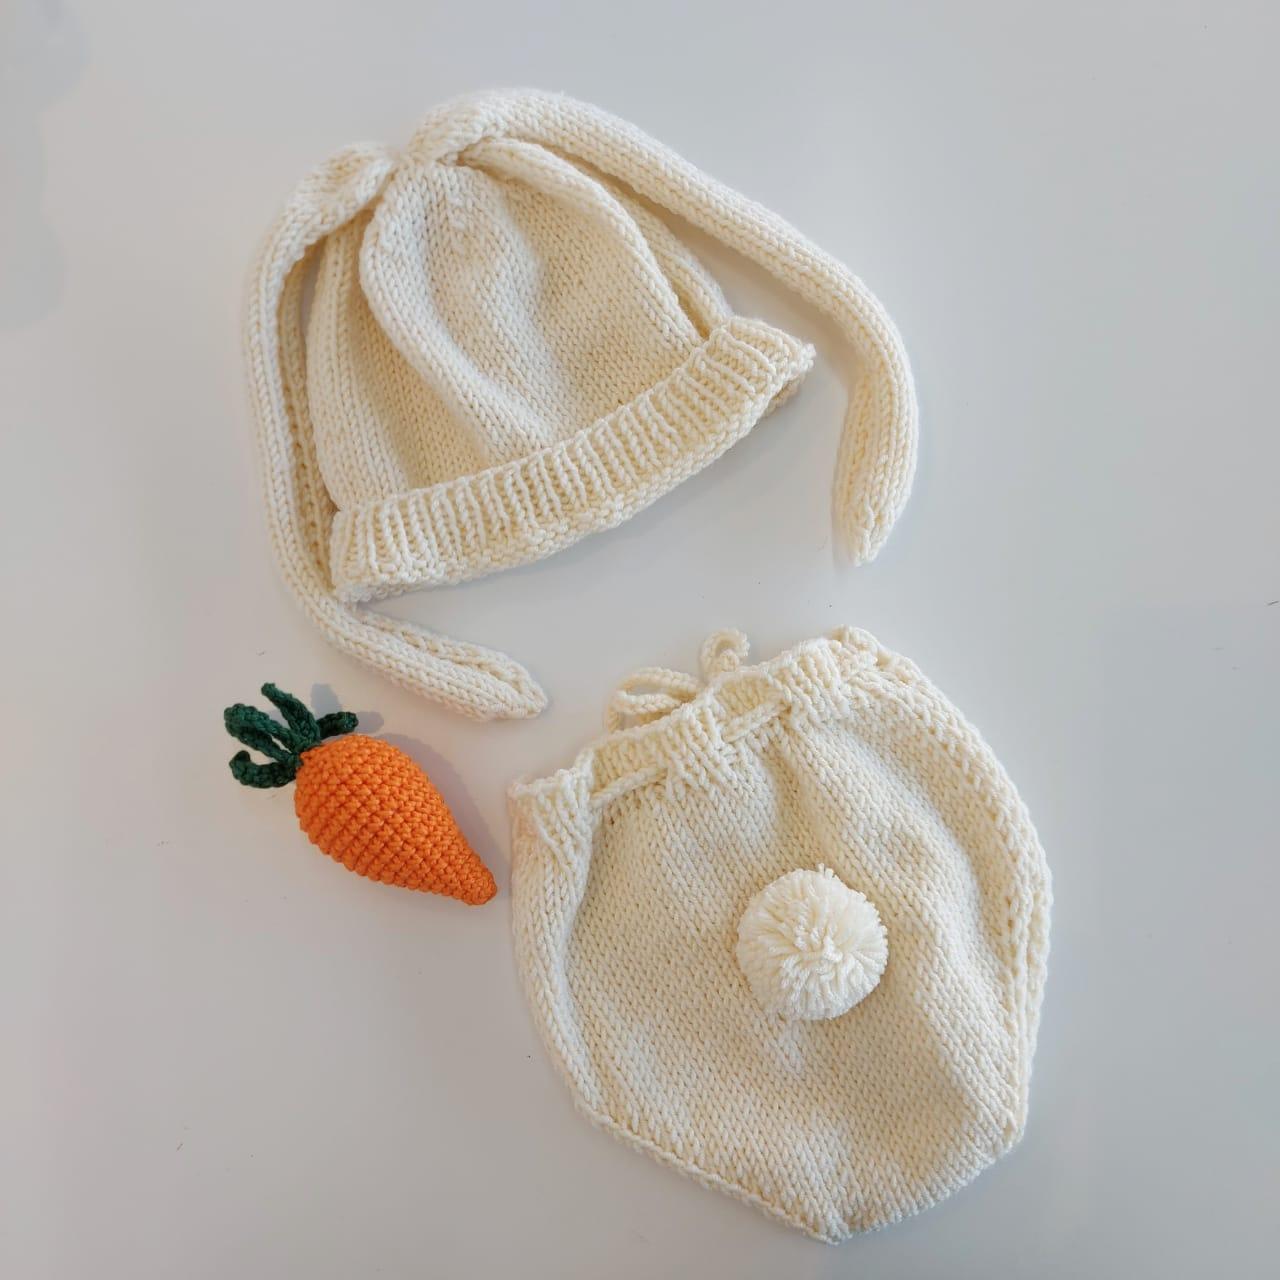 Kit Páscoa - bermudinha, touca com orelhas e cenourinha em tricot feita à mão